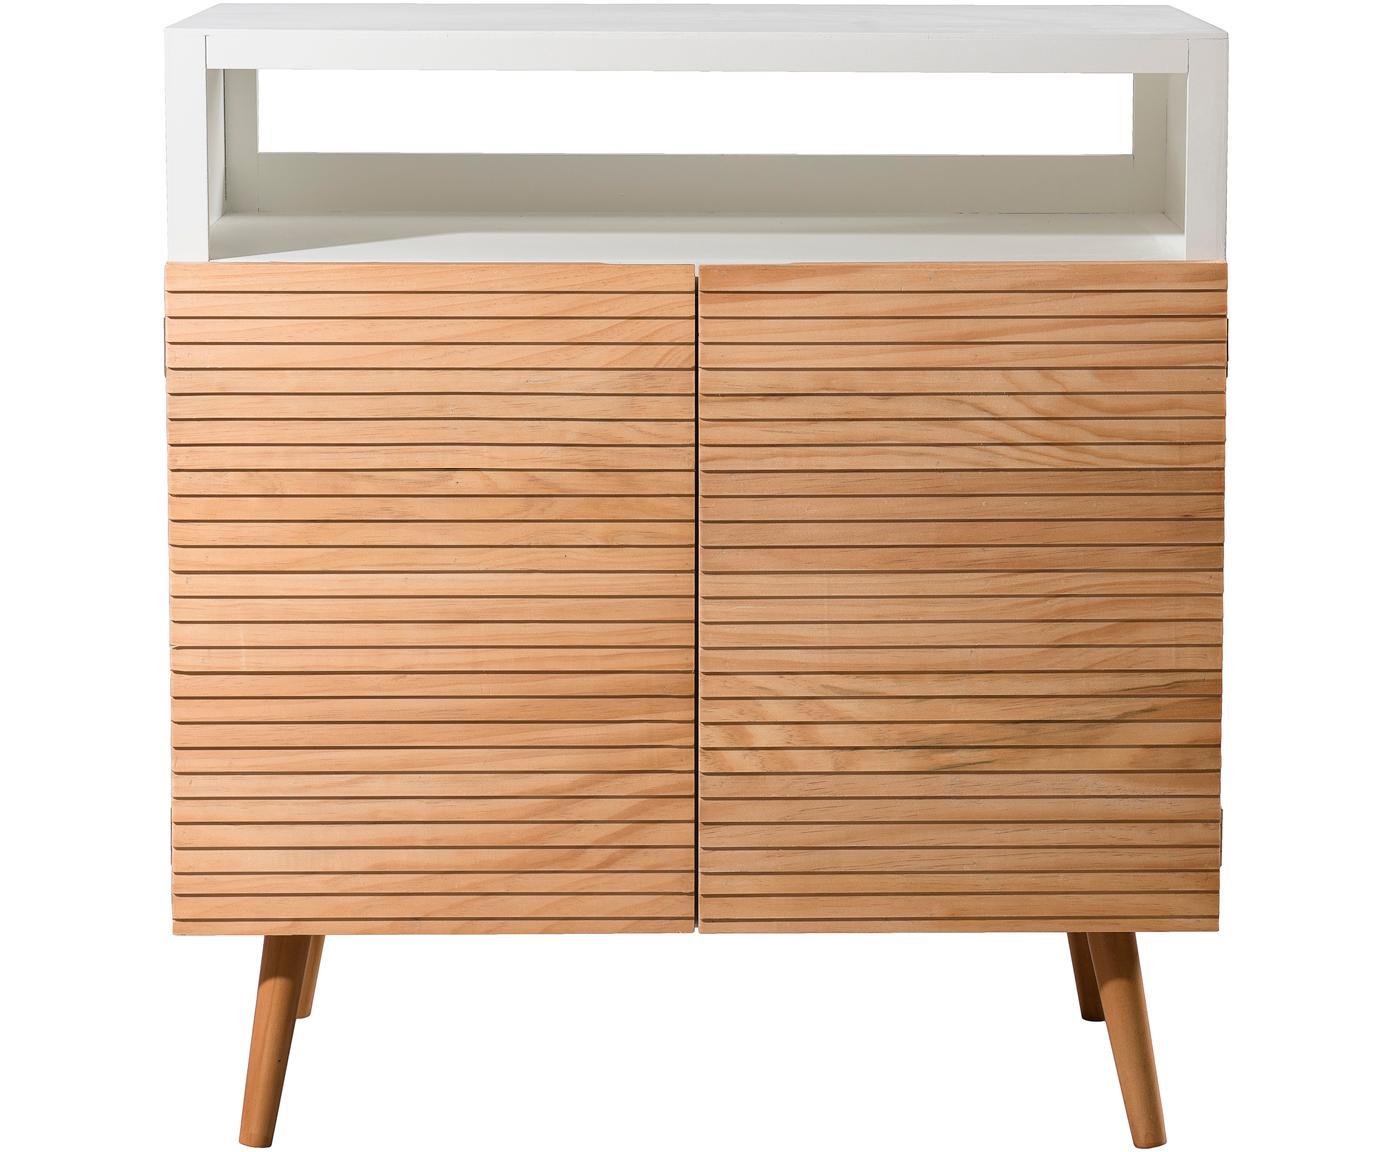 Komoda ze schowkiem Pedro, Korpus: płyta pilśniowa średniej , Biały, drewno sosnowe, S 80 x W 89 cm